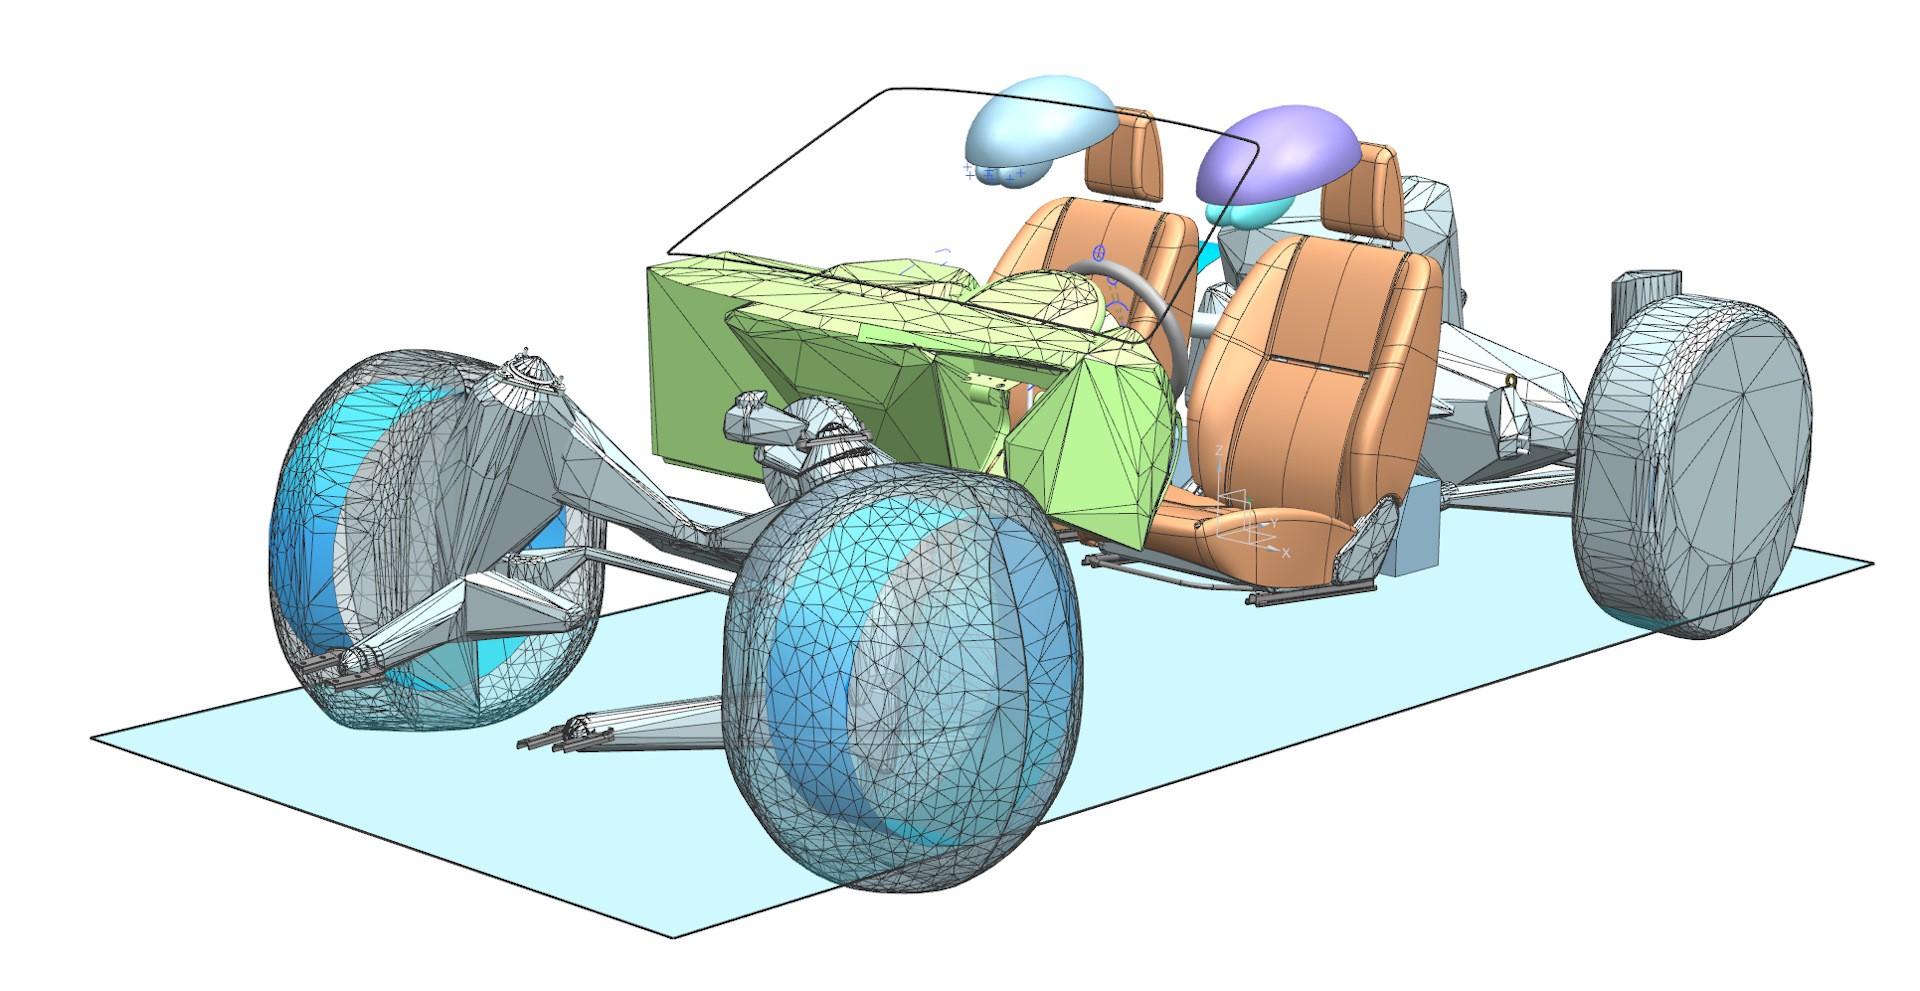 Одна из стадий 3D-проработки эргономики родстера. Показаны элементы, влияющие на посадку манекенов и обзорность